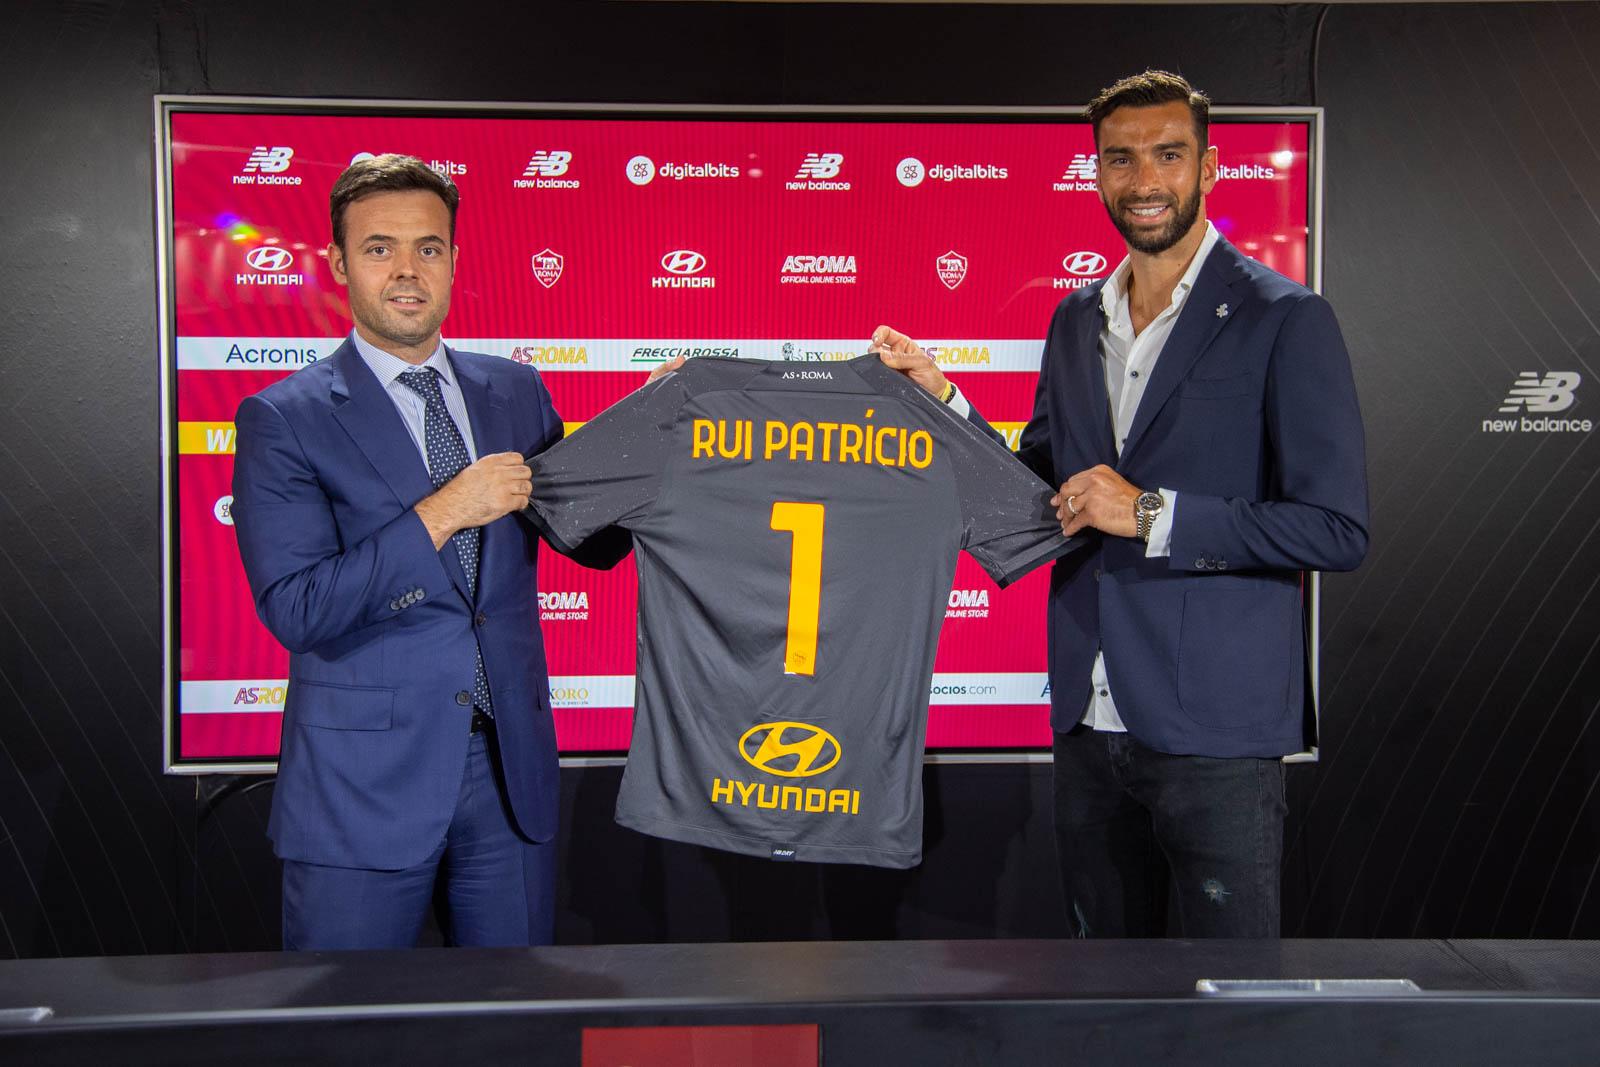 OFICIAL I La Roma anuncia el fichaje de Rui Patrício